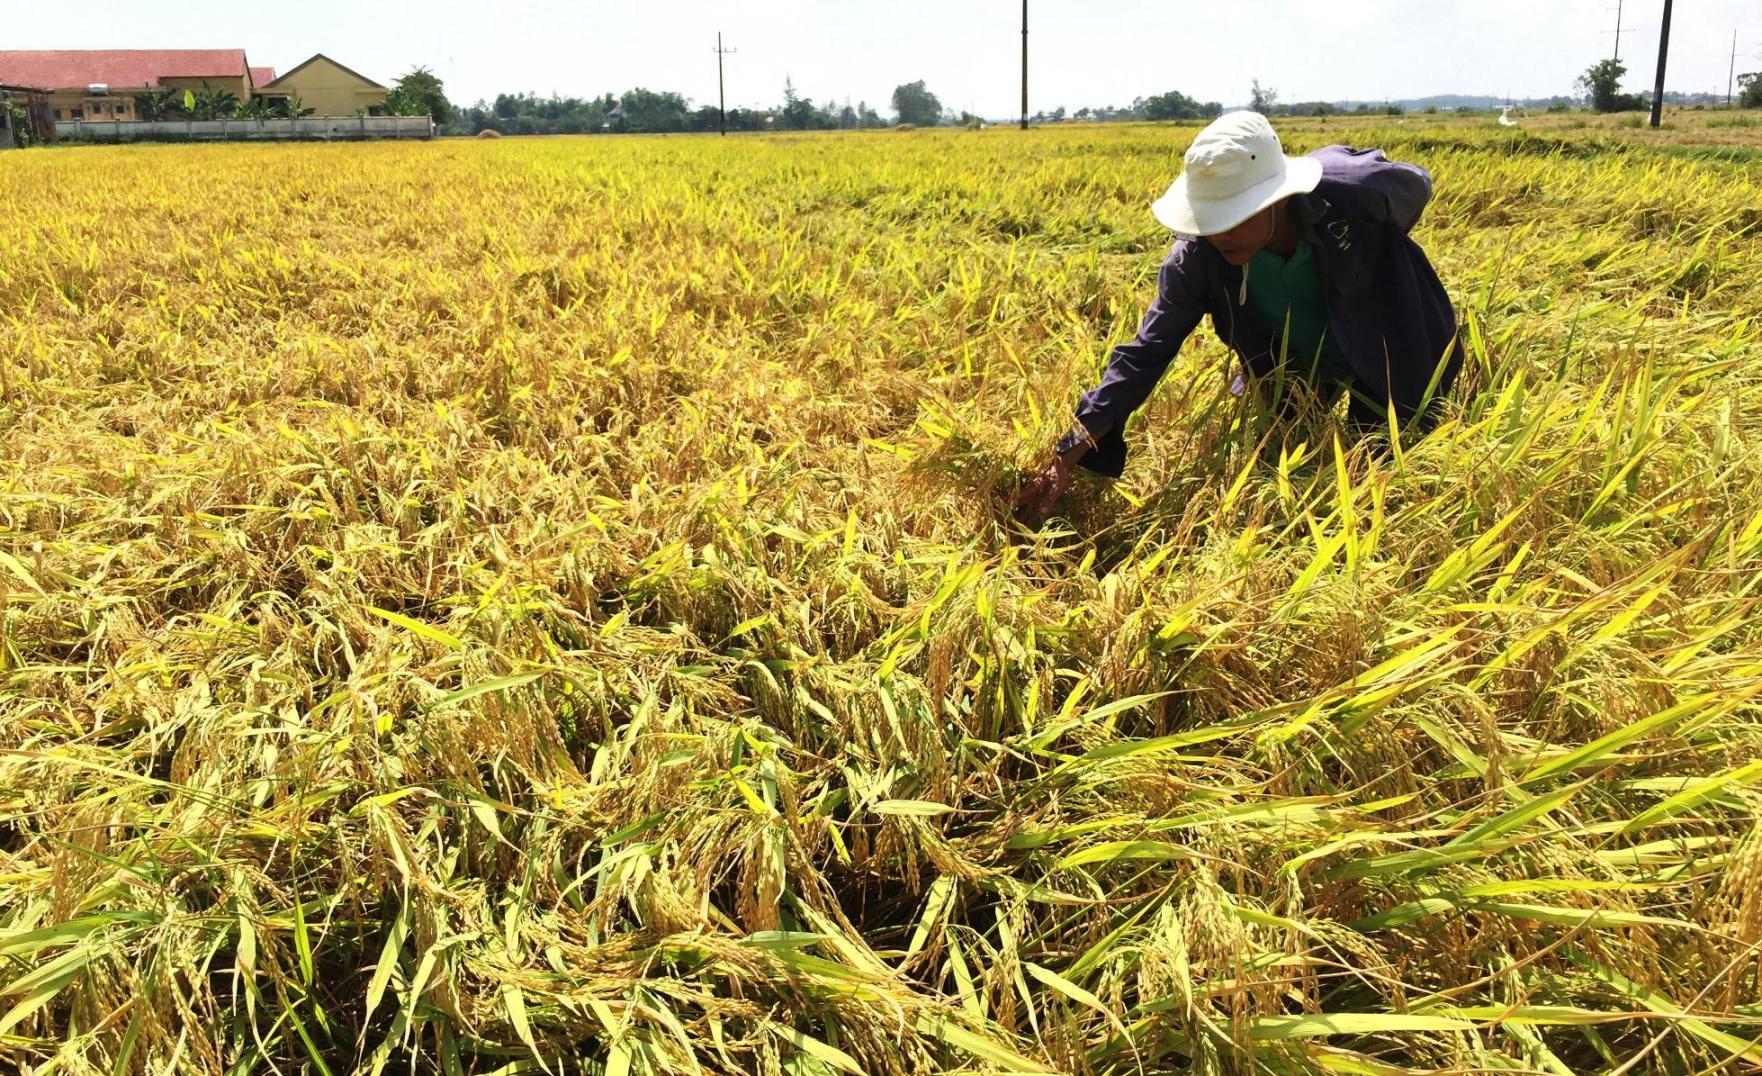 Người làng Kế Xuyên phấn khởi thu hoạch vụ đông xuân năm nay vì năng suất lúa đạt cao. Ảnh: PHAN VINH